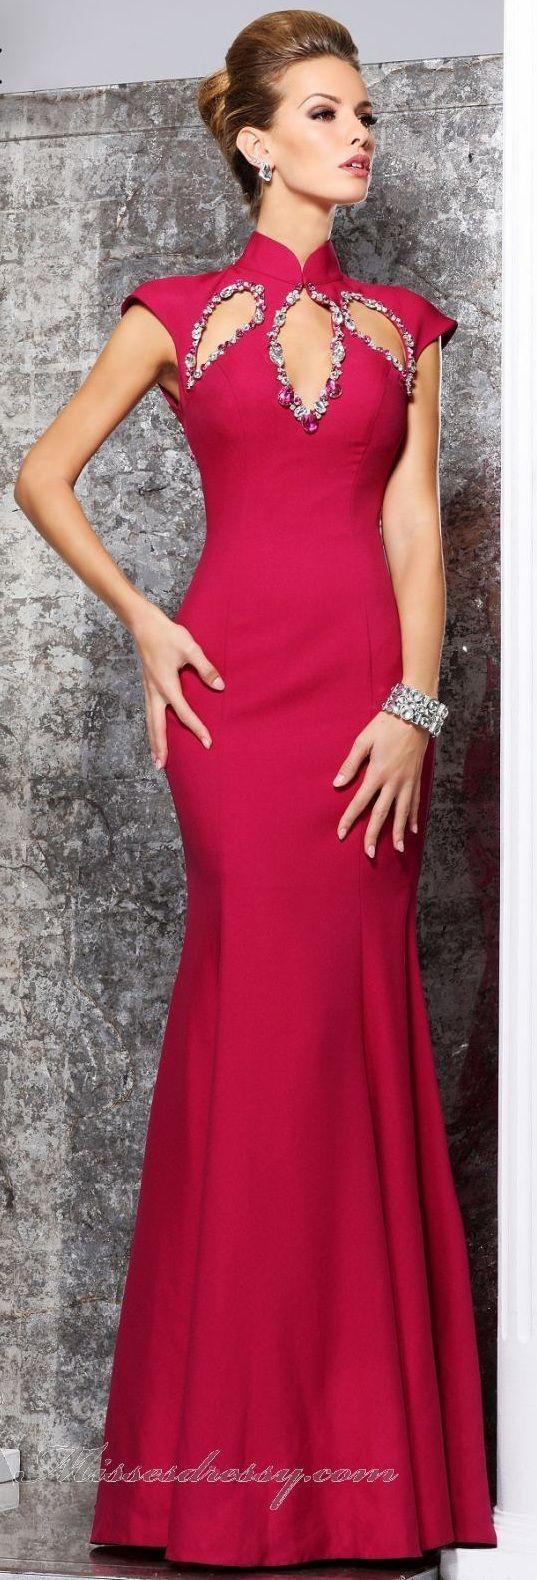 Tarik Ediz couture purple maxi dress